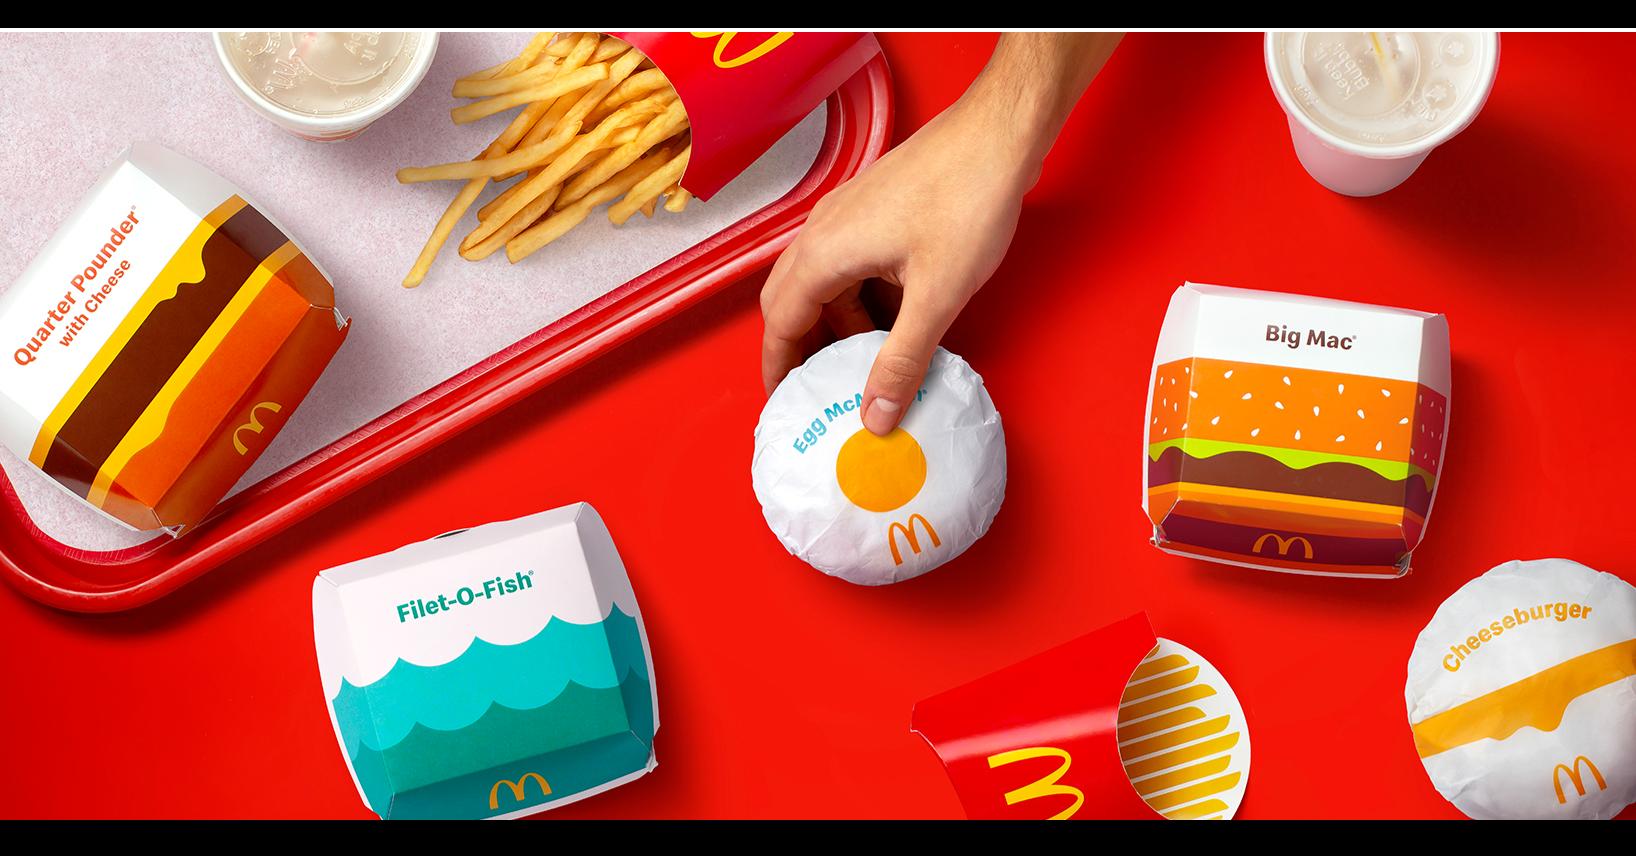 照片中提到了Egg McA、Filet-O-Fish、Big Mac,跟切格有關,包含了麥當勞、漢堡包、麥當勞、垃圾食品、快餐餐廳